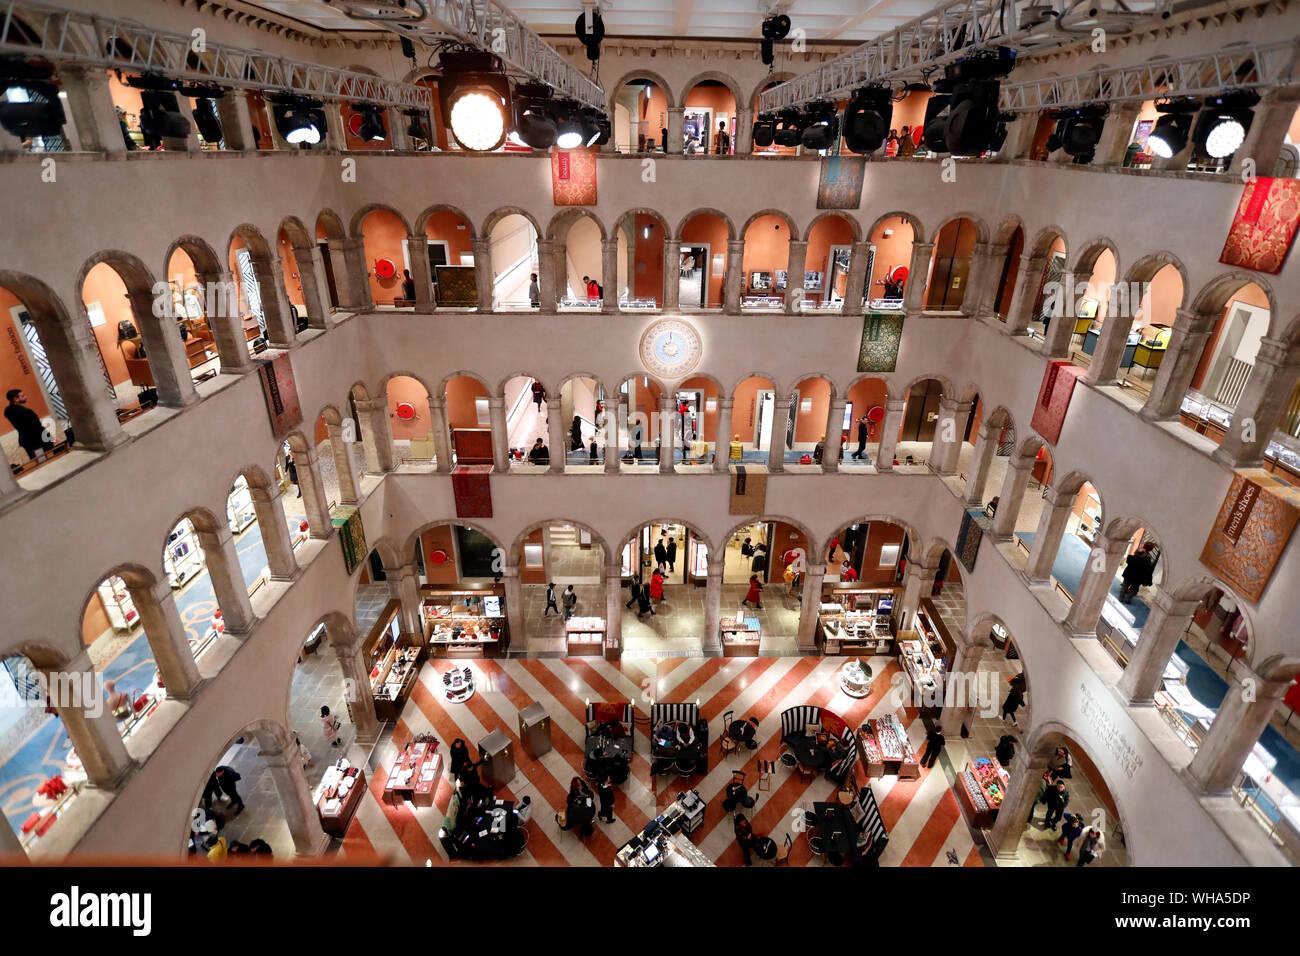 Il lussuoso centro commerciale Fondaco dei Tedeschi, Venezia, Veneto, Italia, Europa Foto Stock